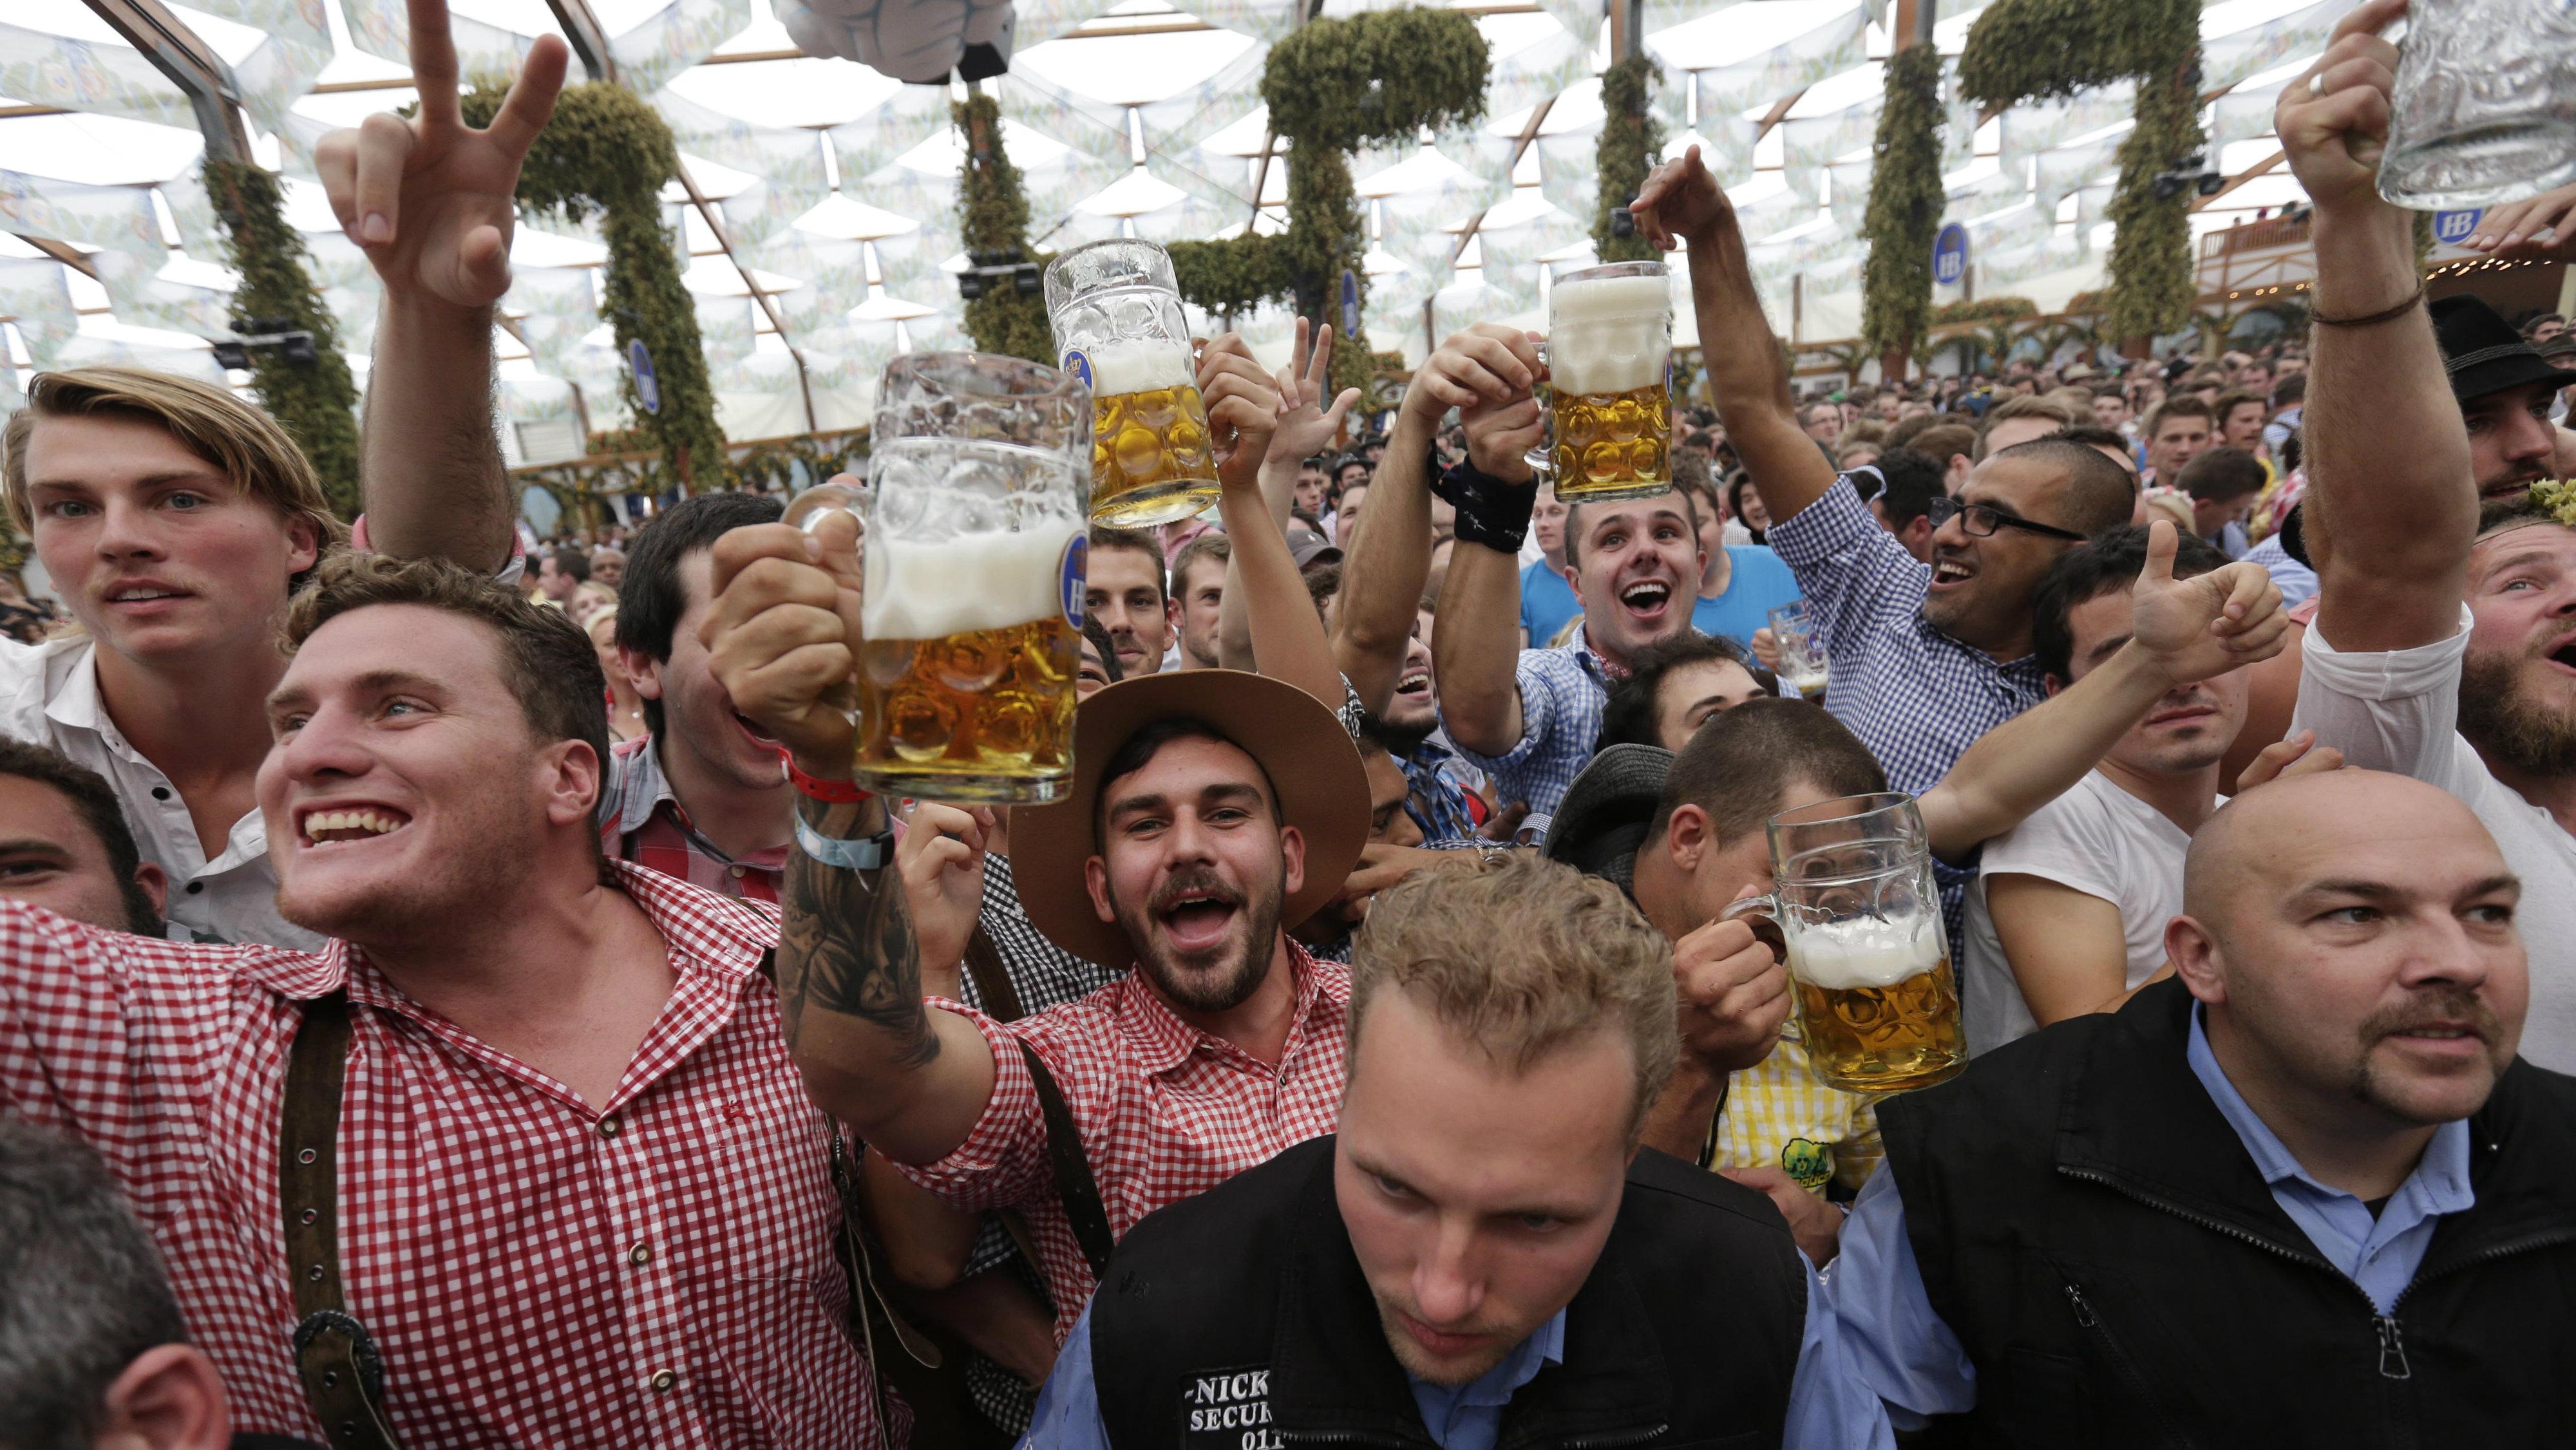 Drunk people octoberfest